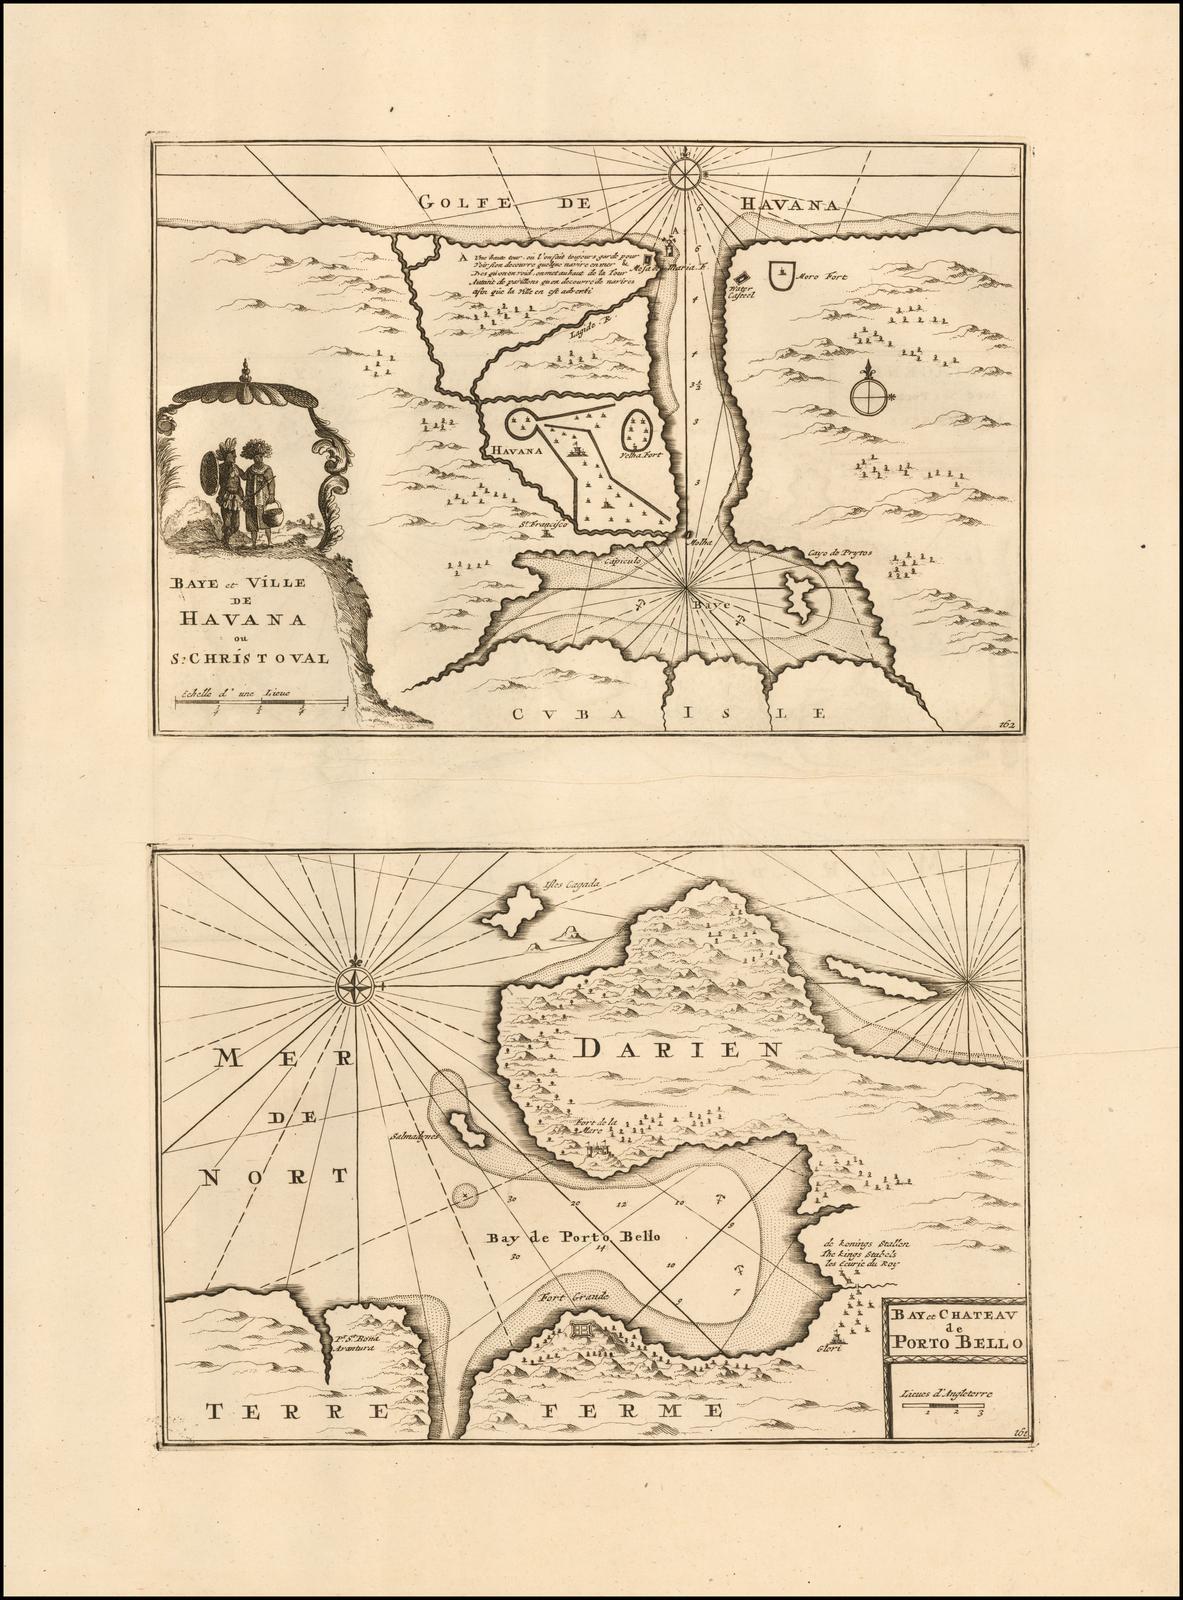 Очень редкий двусторонний картографический лист с тремя планами важных испано-американских портов: Гаваны, Портобелло и Картахены